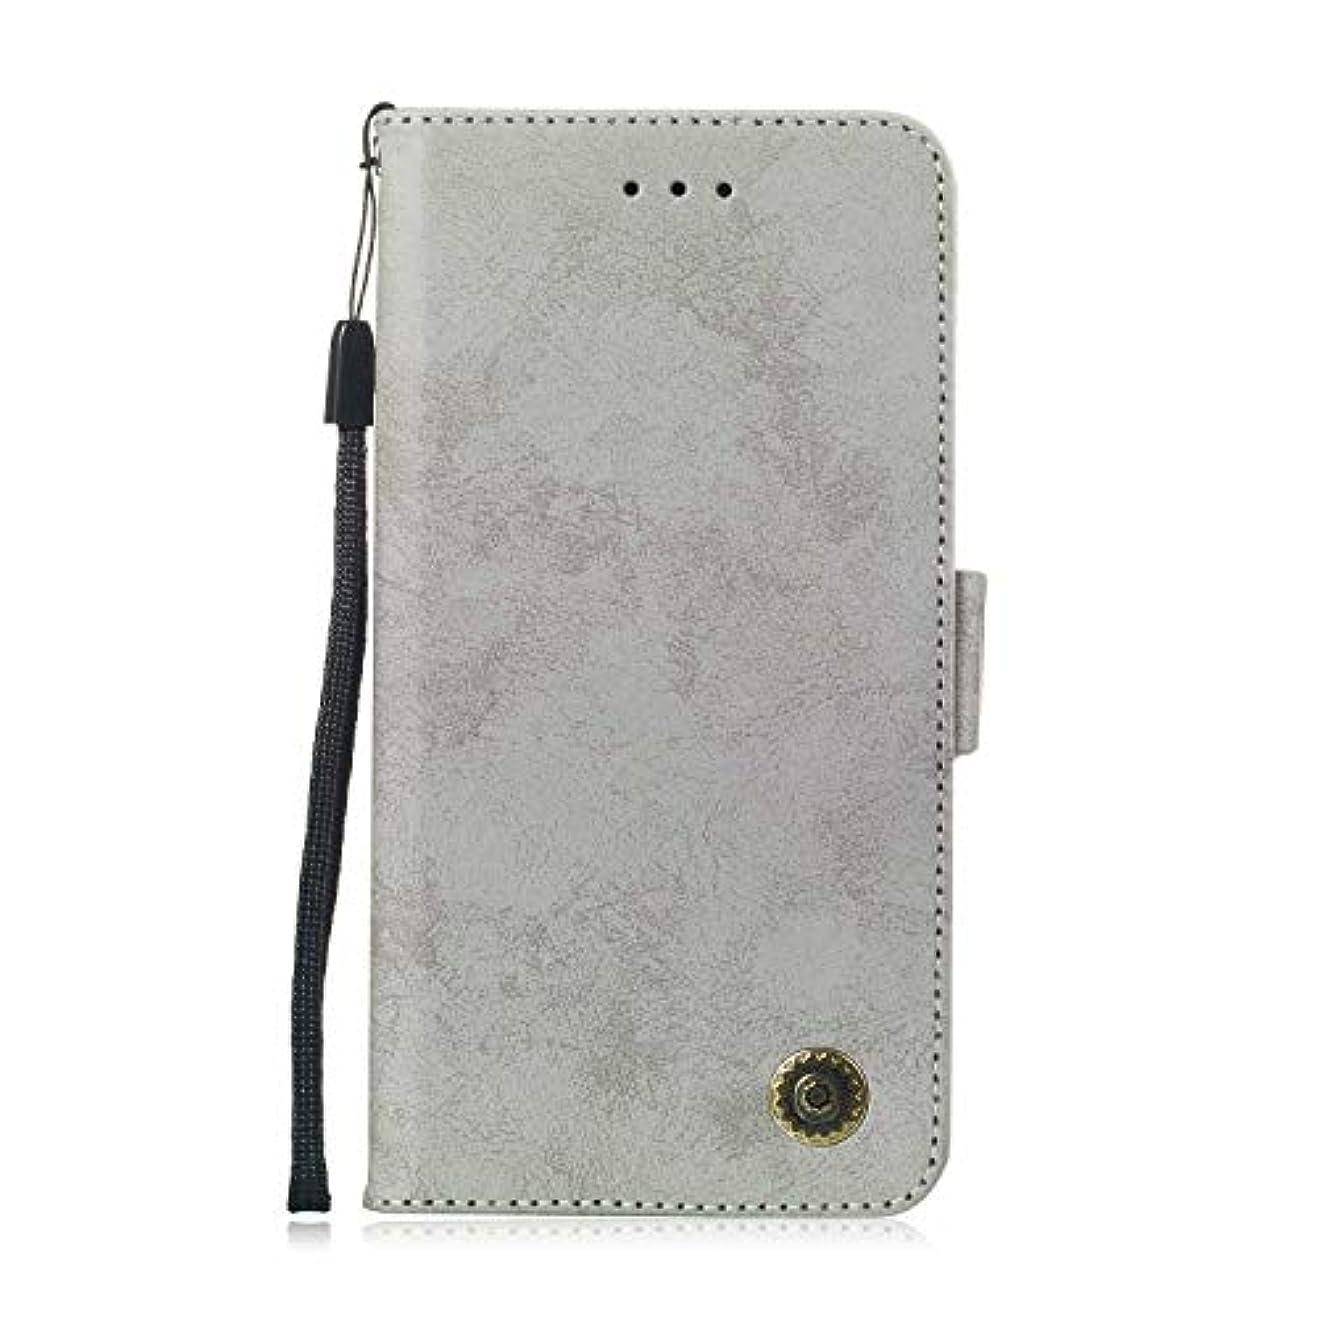 休眠幾分構造Zeebox® Huawei Mate 20 Lite 手帳型ケース Huawei Mate 20 Lite 手帳型カバー 財布型 合皮PUレザー マグネット式 保護ケース カード収納 スタンド 機能 (グレー #5)